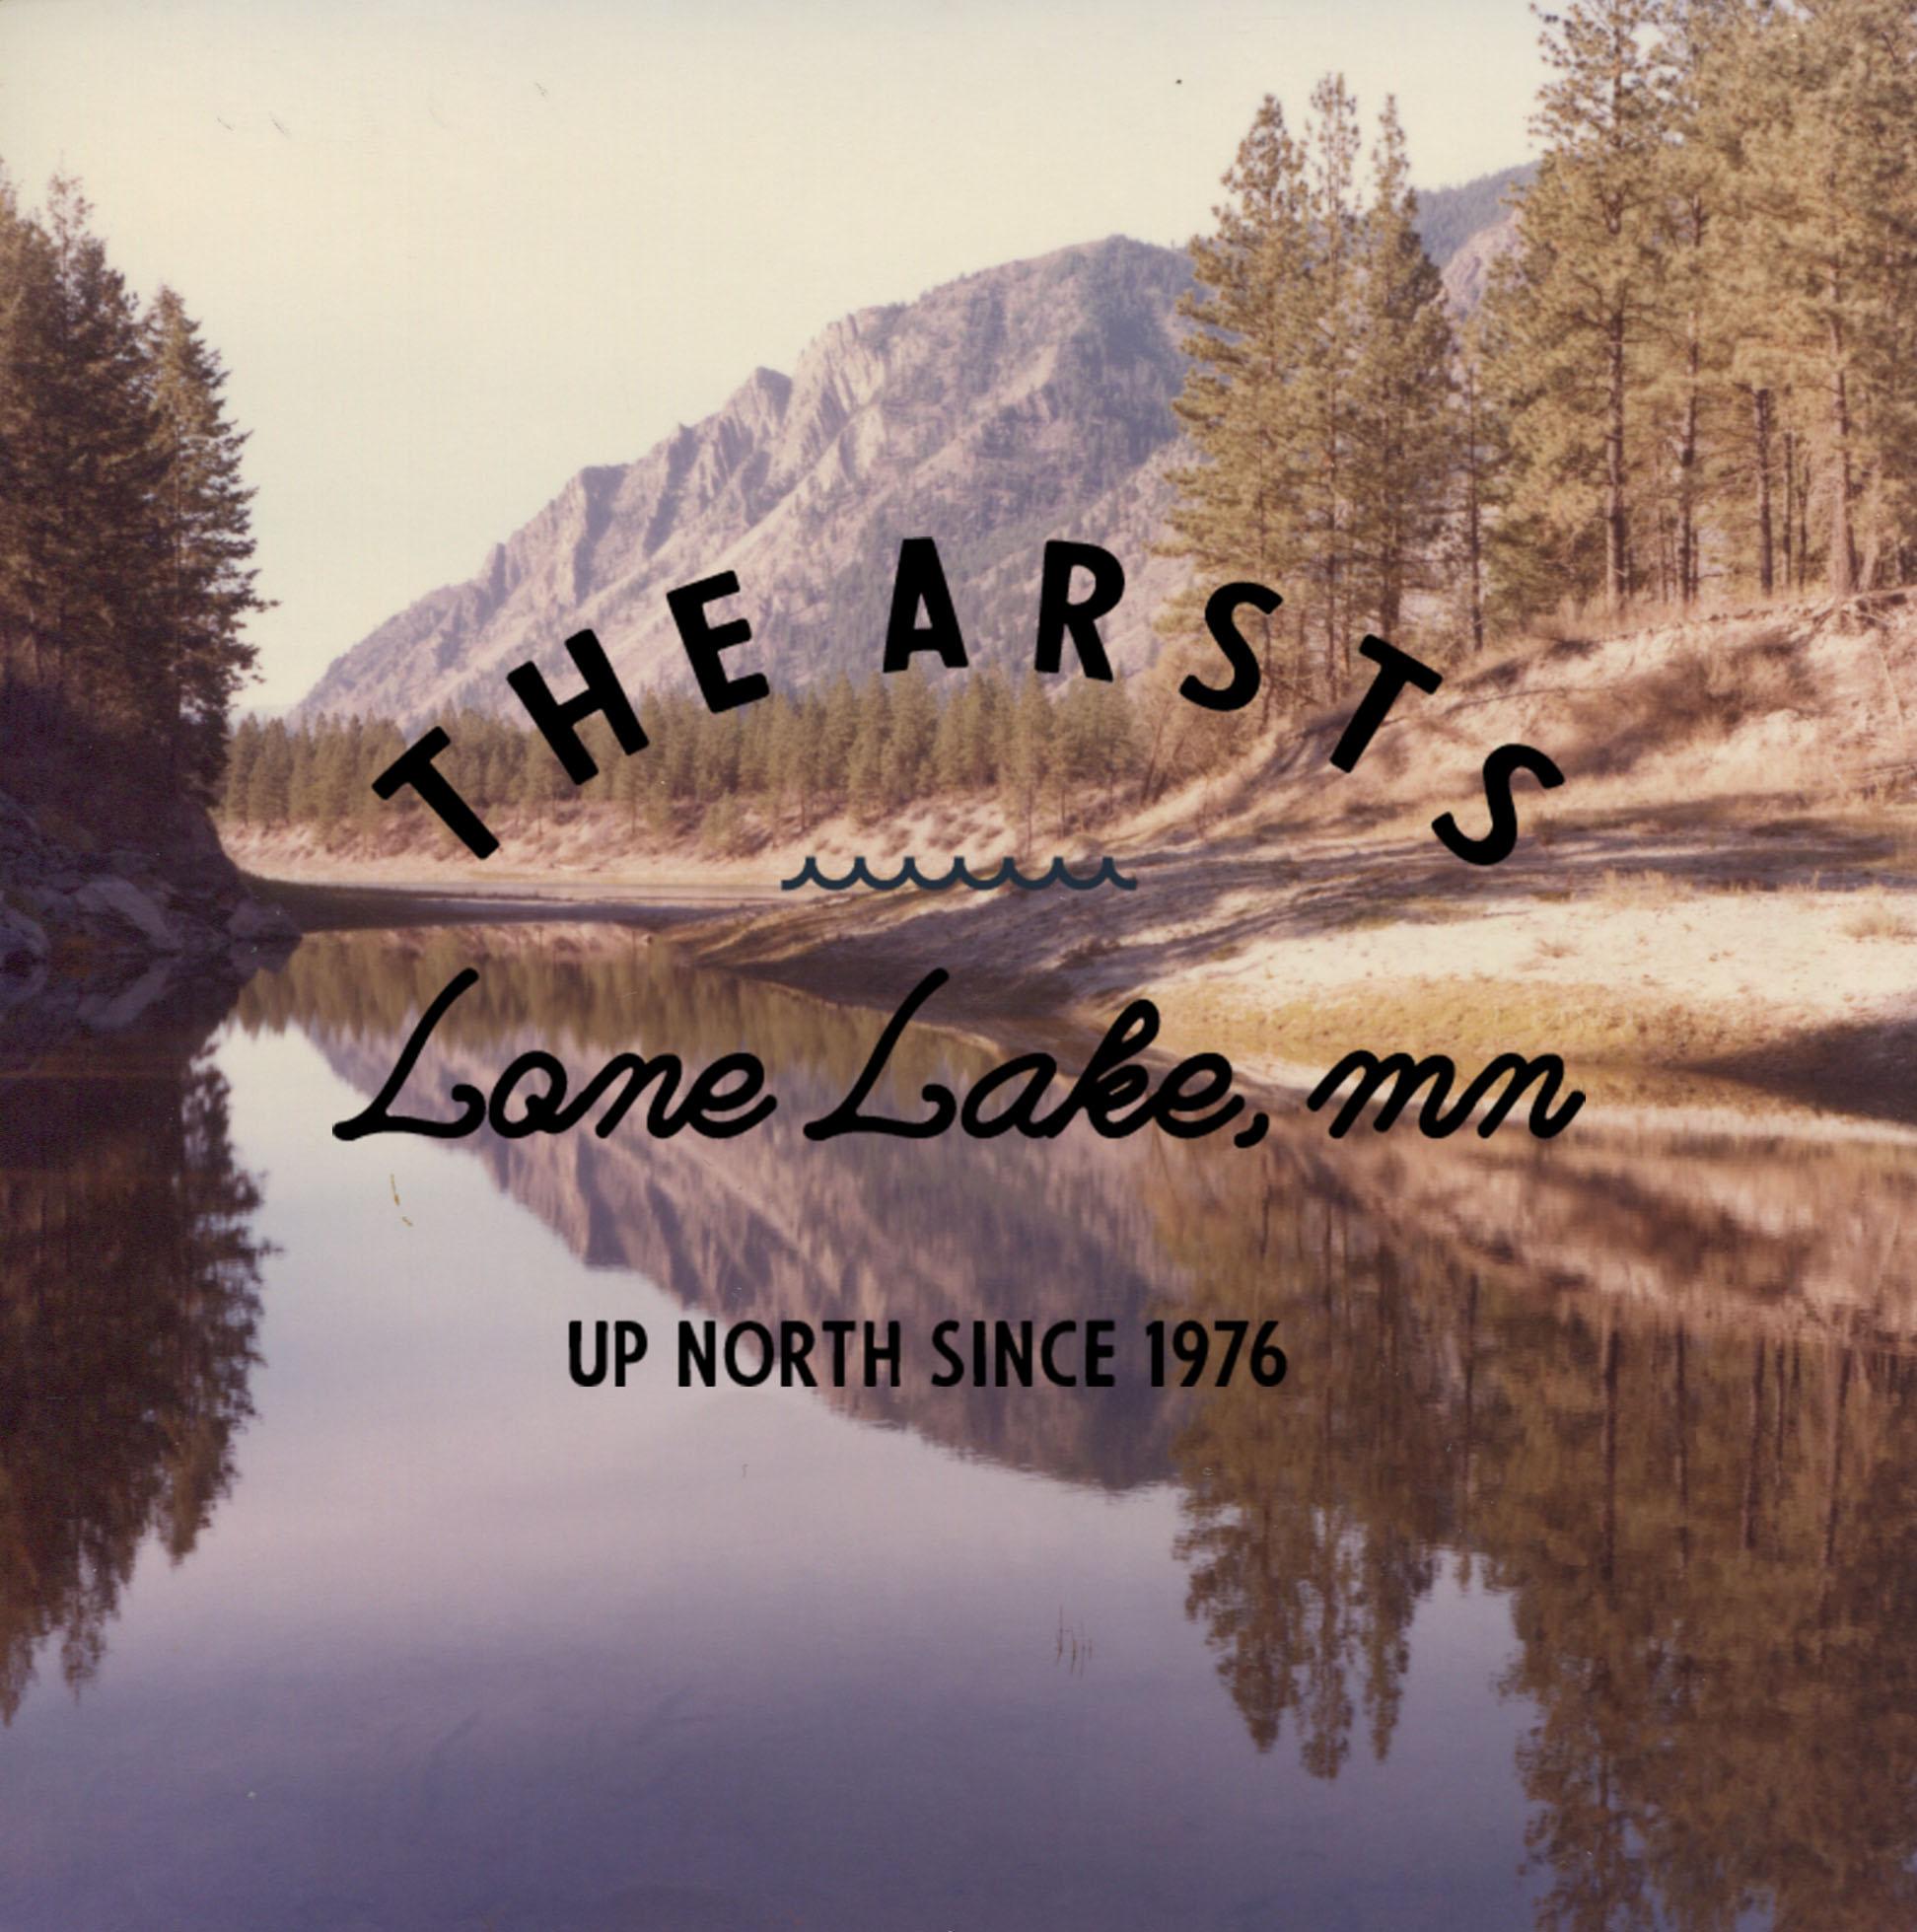 lonelake-1.jpg